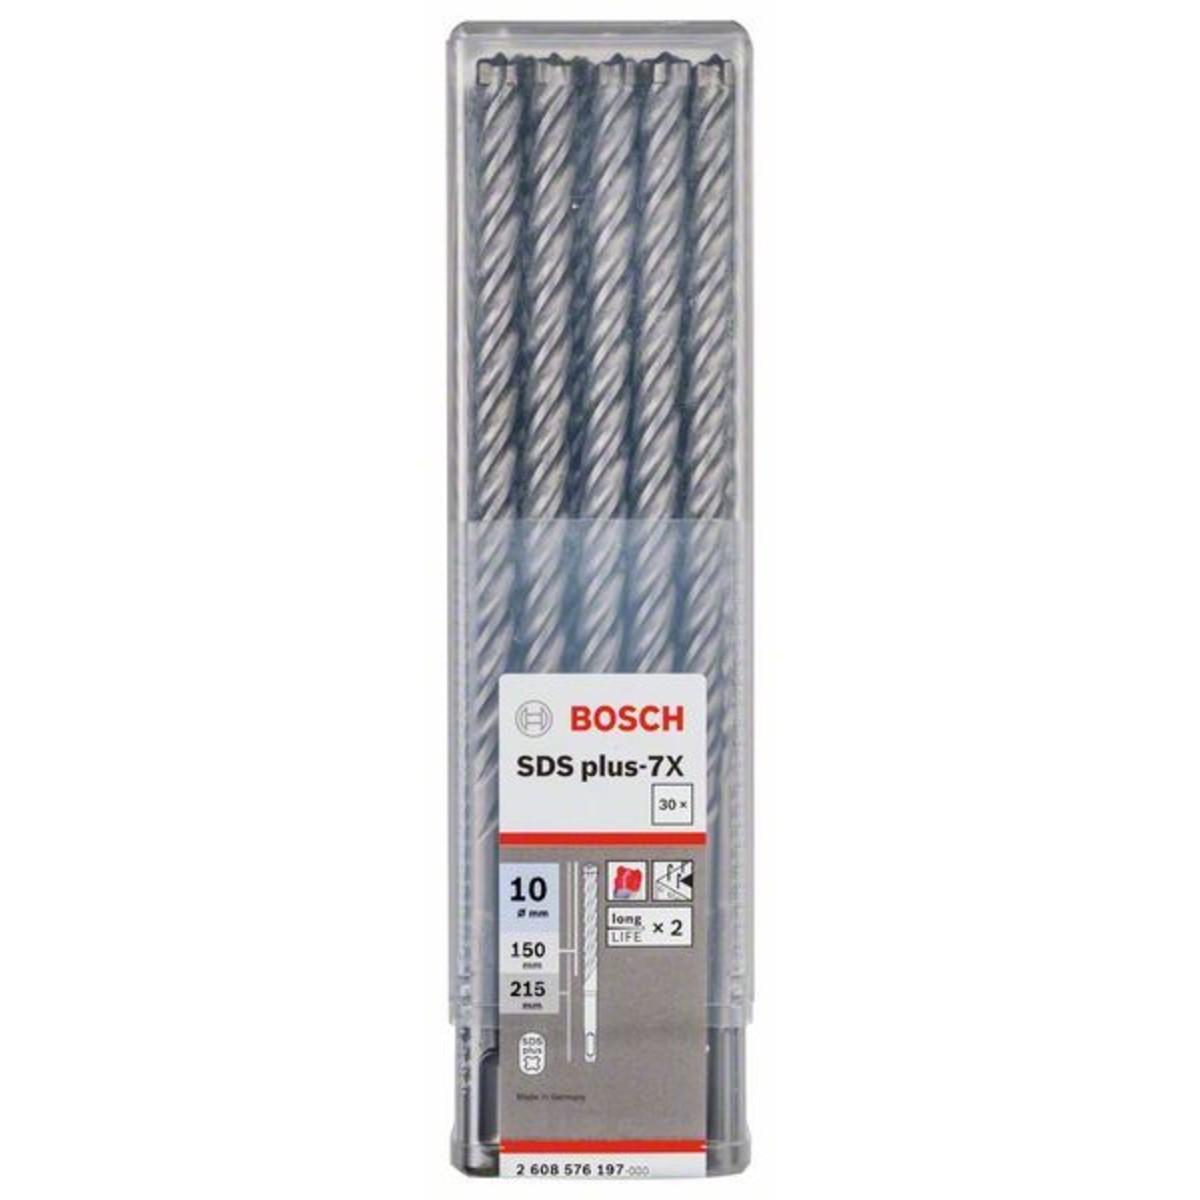 Набор буров по бетону SDS-plus 7X Bosch 10x150x215 мм 30 шт.